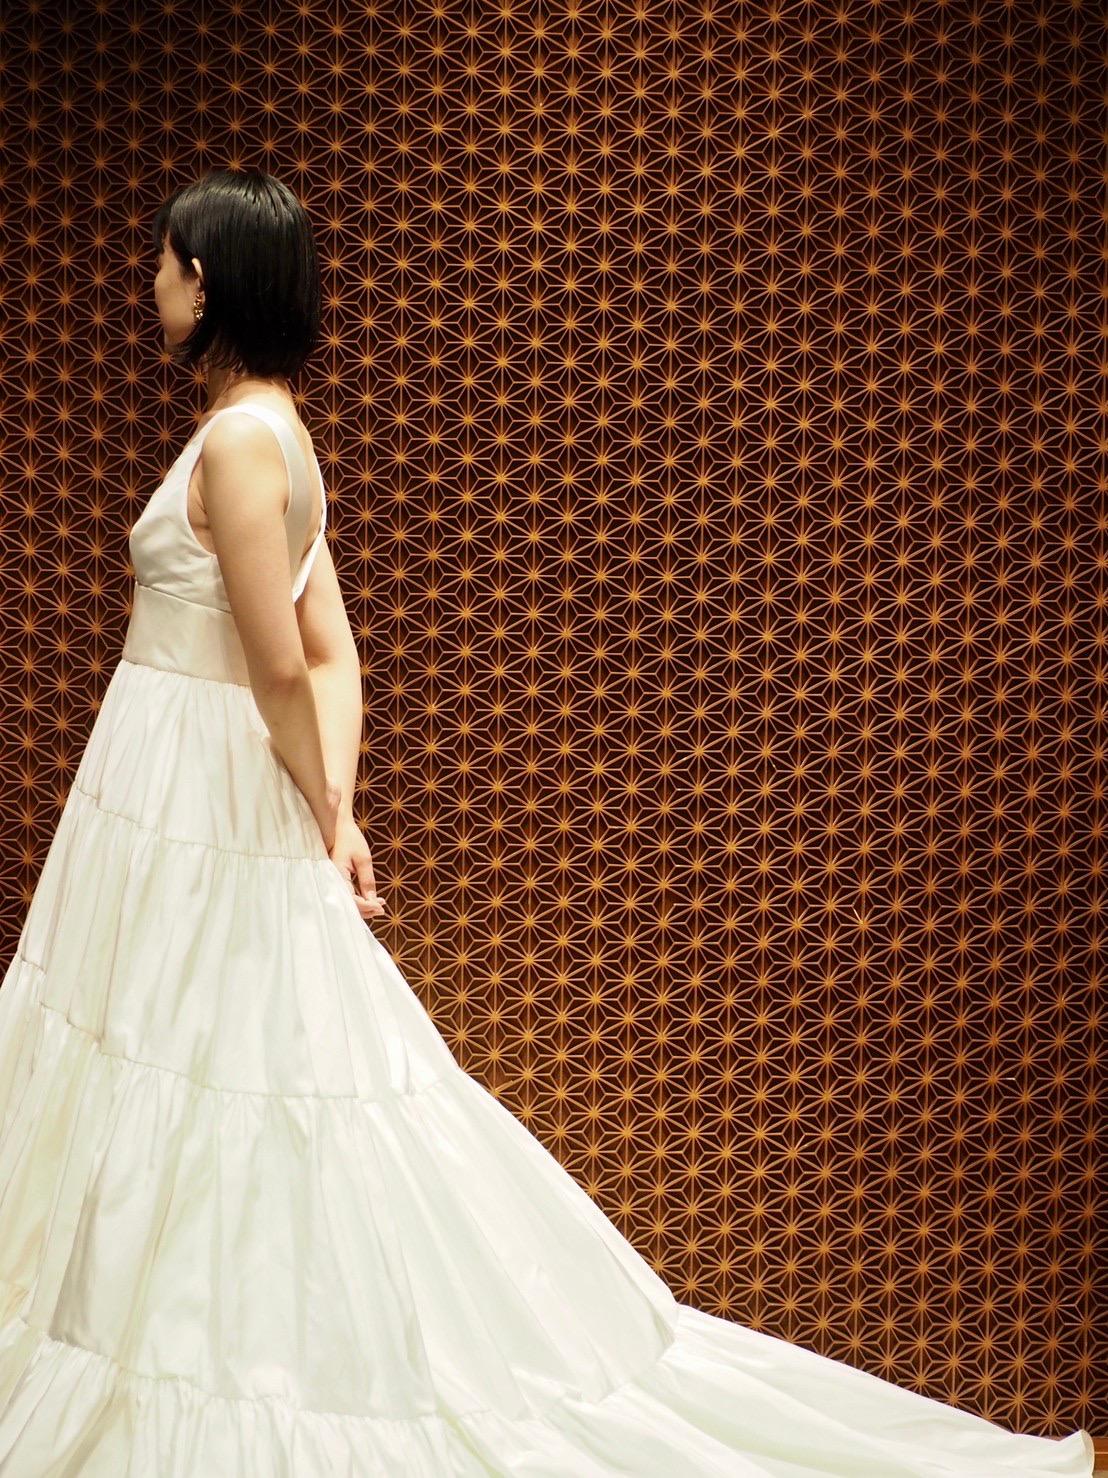 ティアードのスカートが特徴的なアムサーラのドレスのご紹介